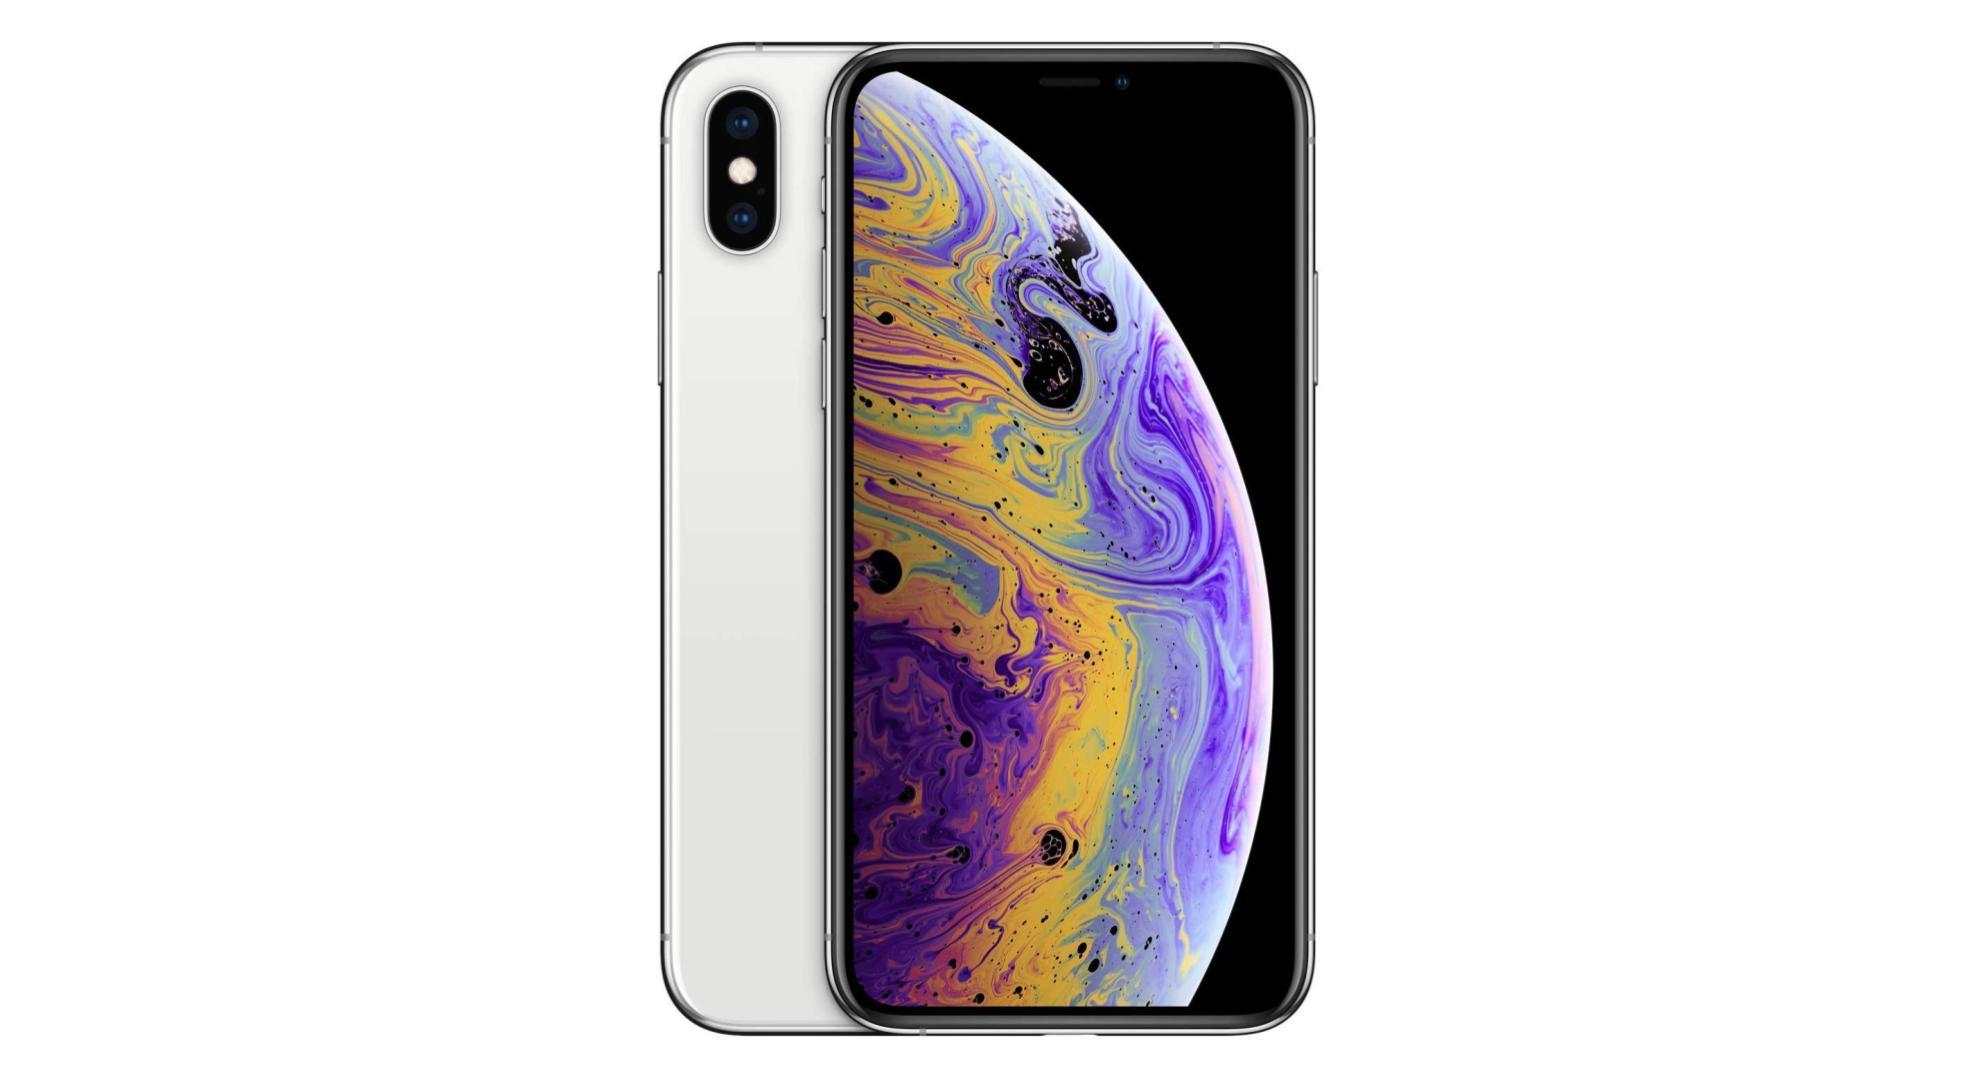 Le Deal du Jour : à prix égal, peut-on préférer l'iPhone XS à l'iPhone 11 ?